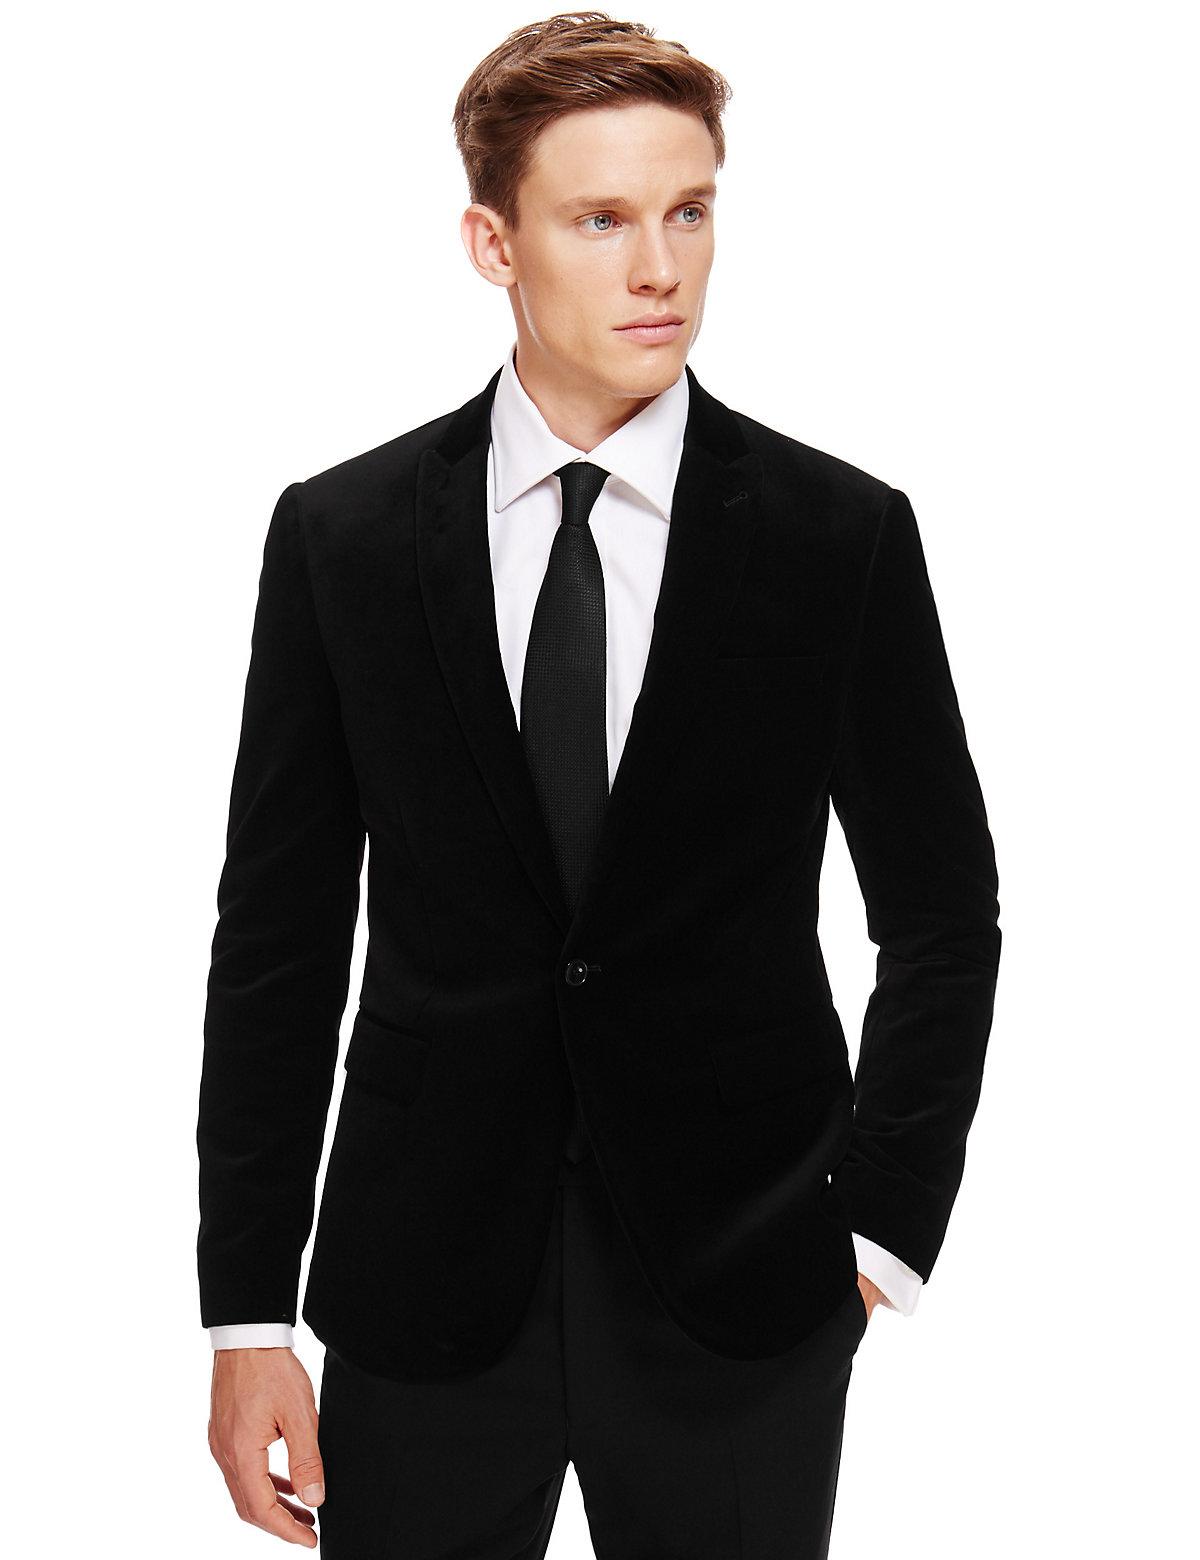 MS Mens Suit BLACK Autograph Pure Cotton Slim Fit Buttonsafe 2 Button Velvet Jacket Black 44Medium